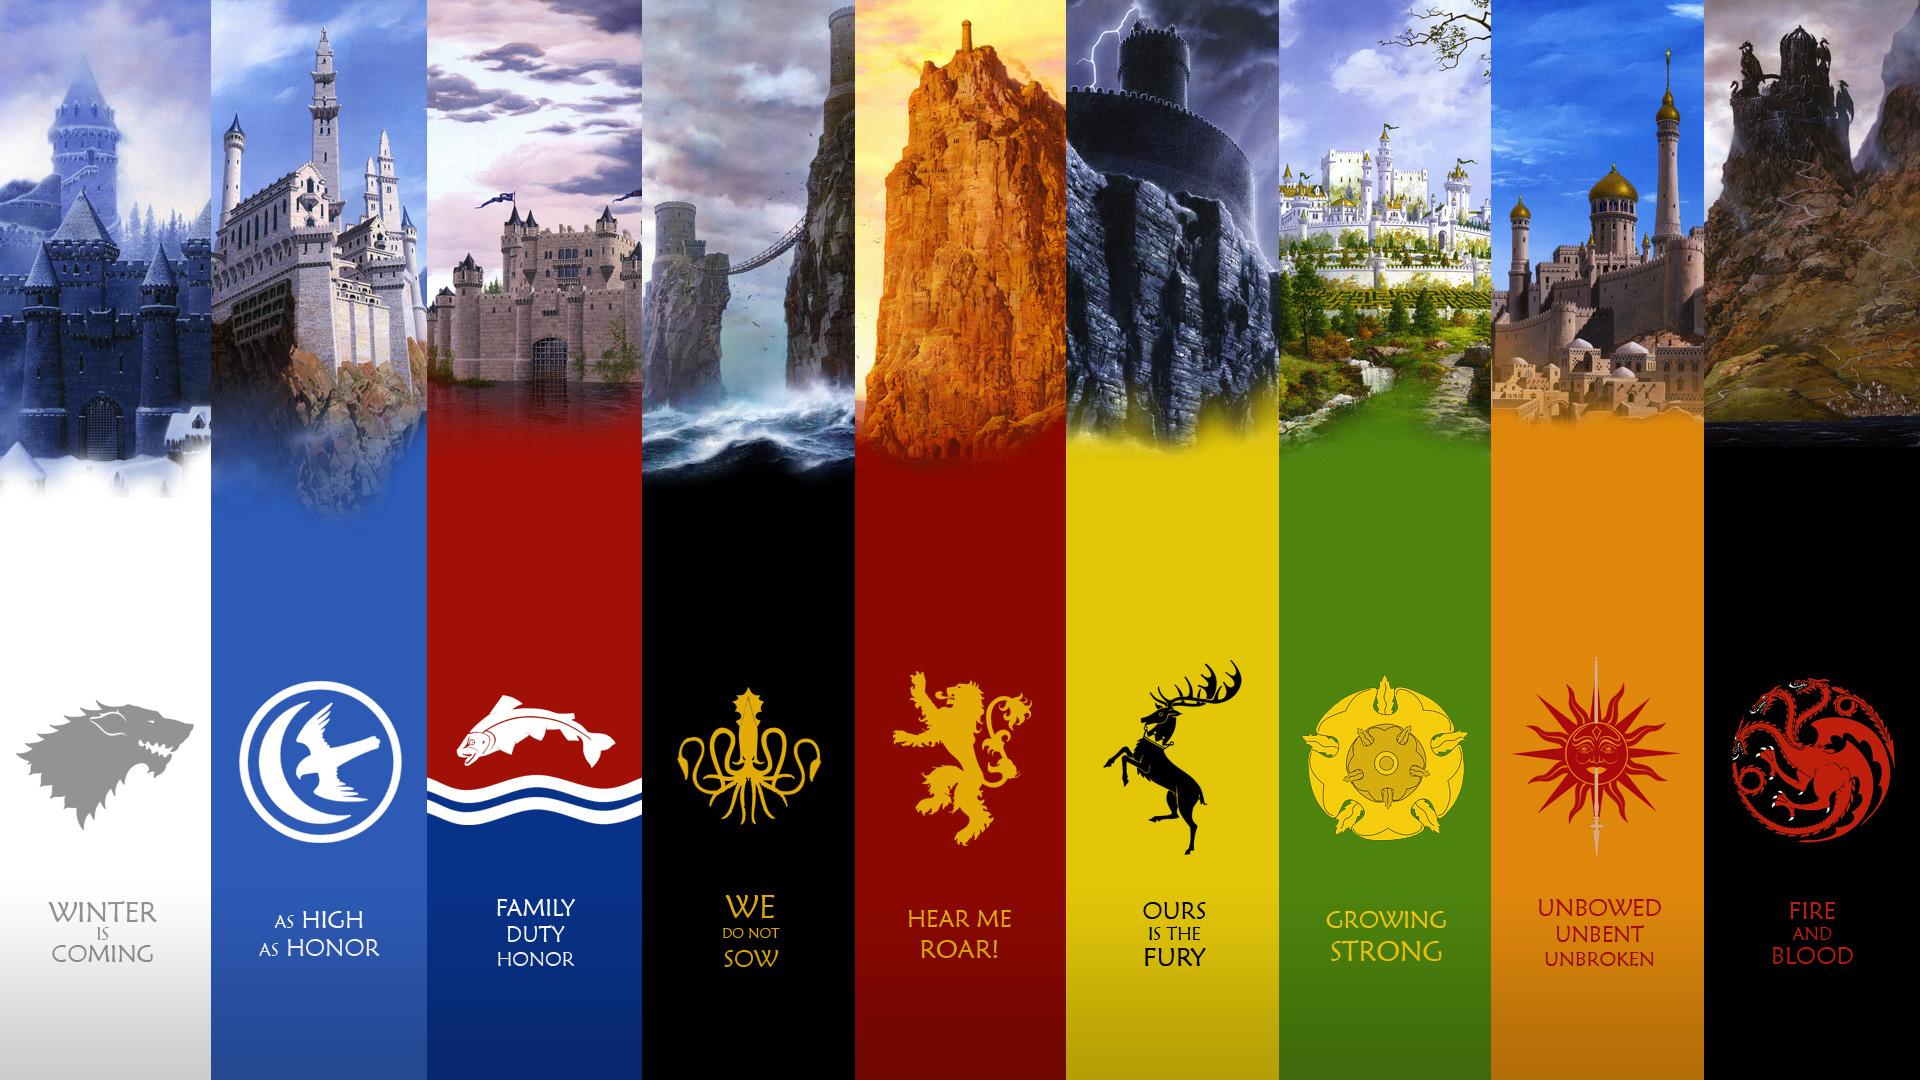 La historia del éxito de Canción de hielo y fuego | Los Siete Reinos